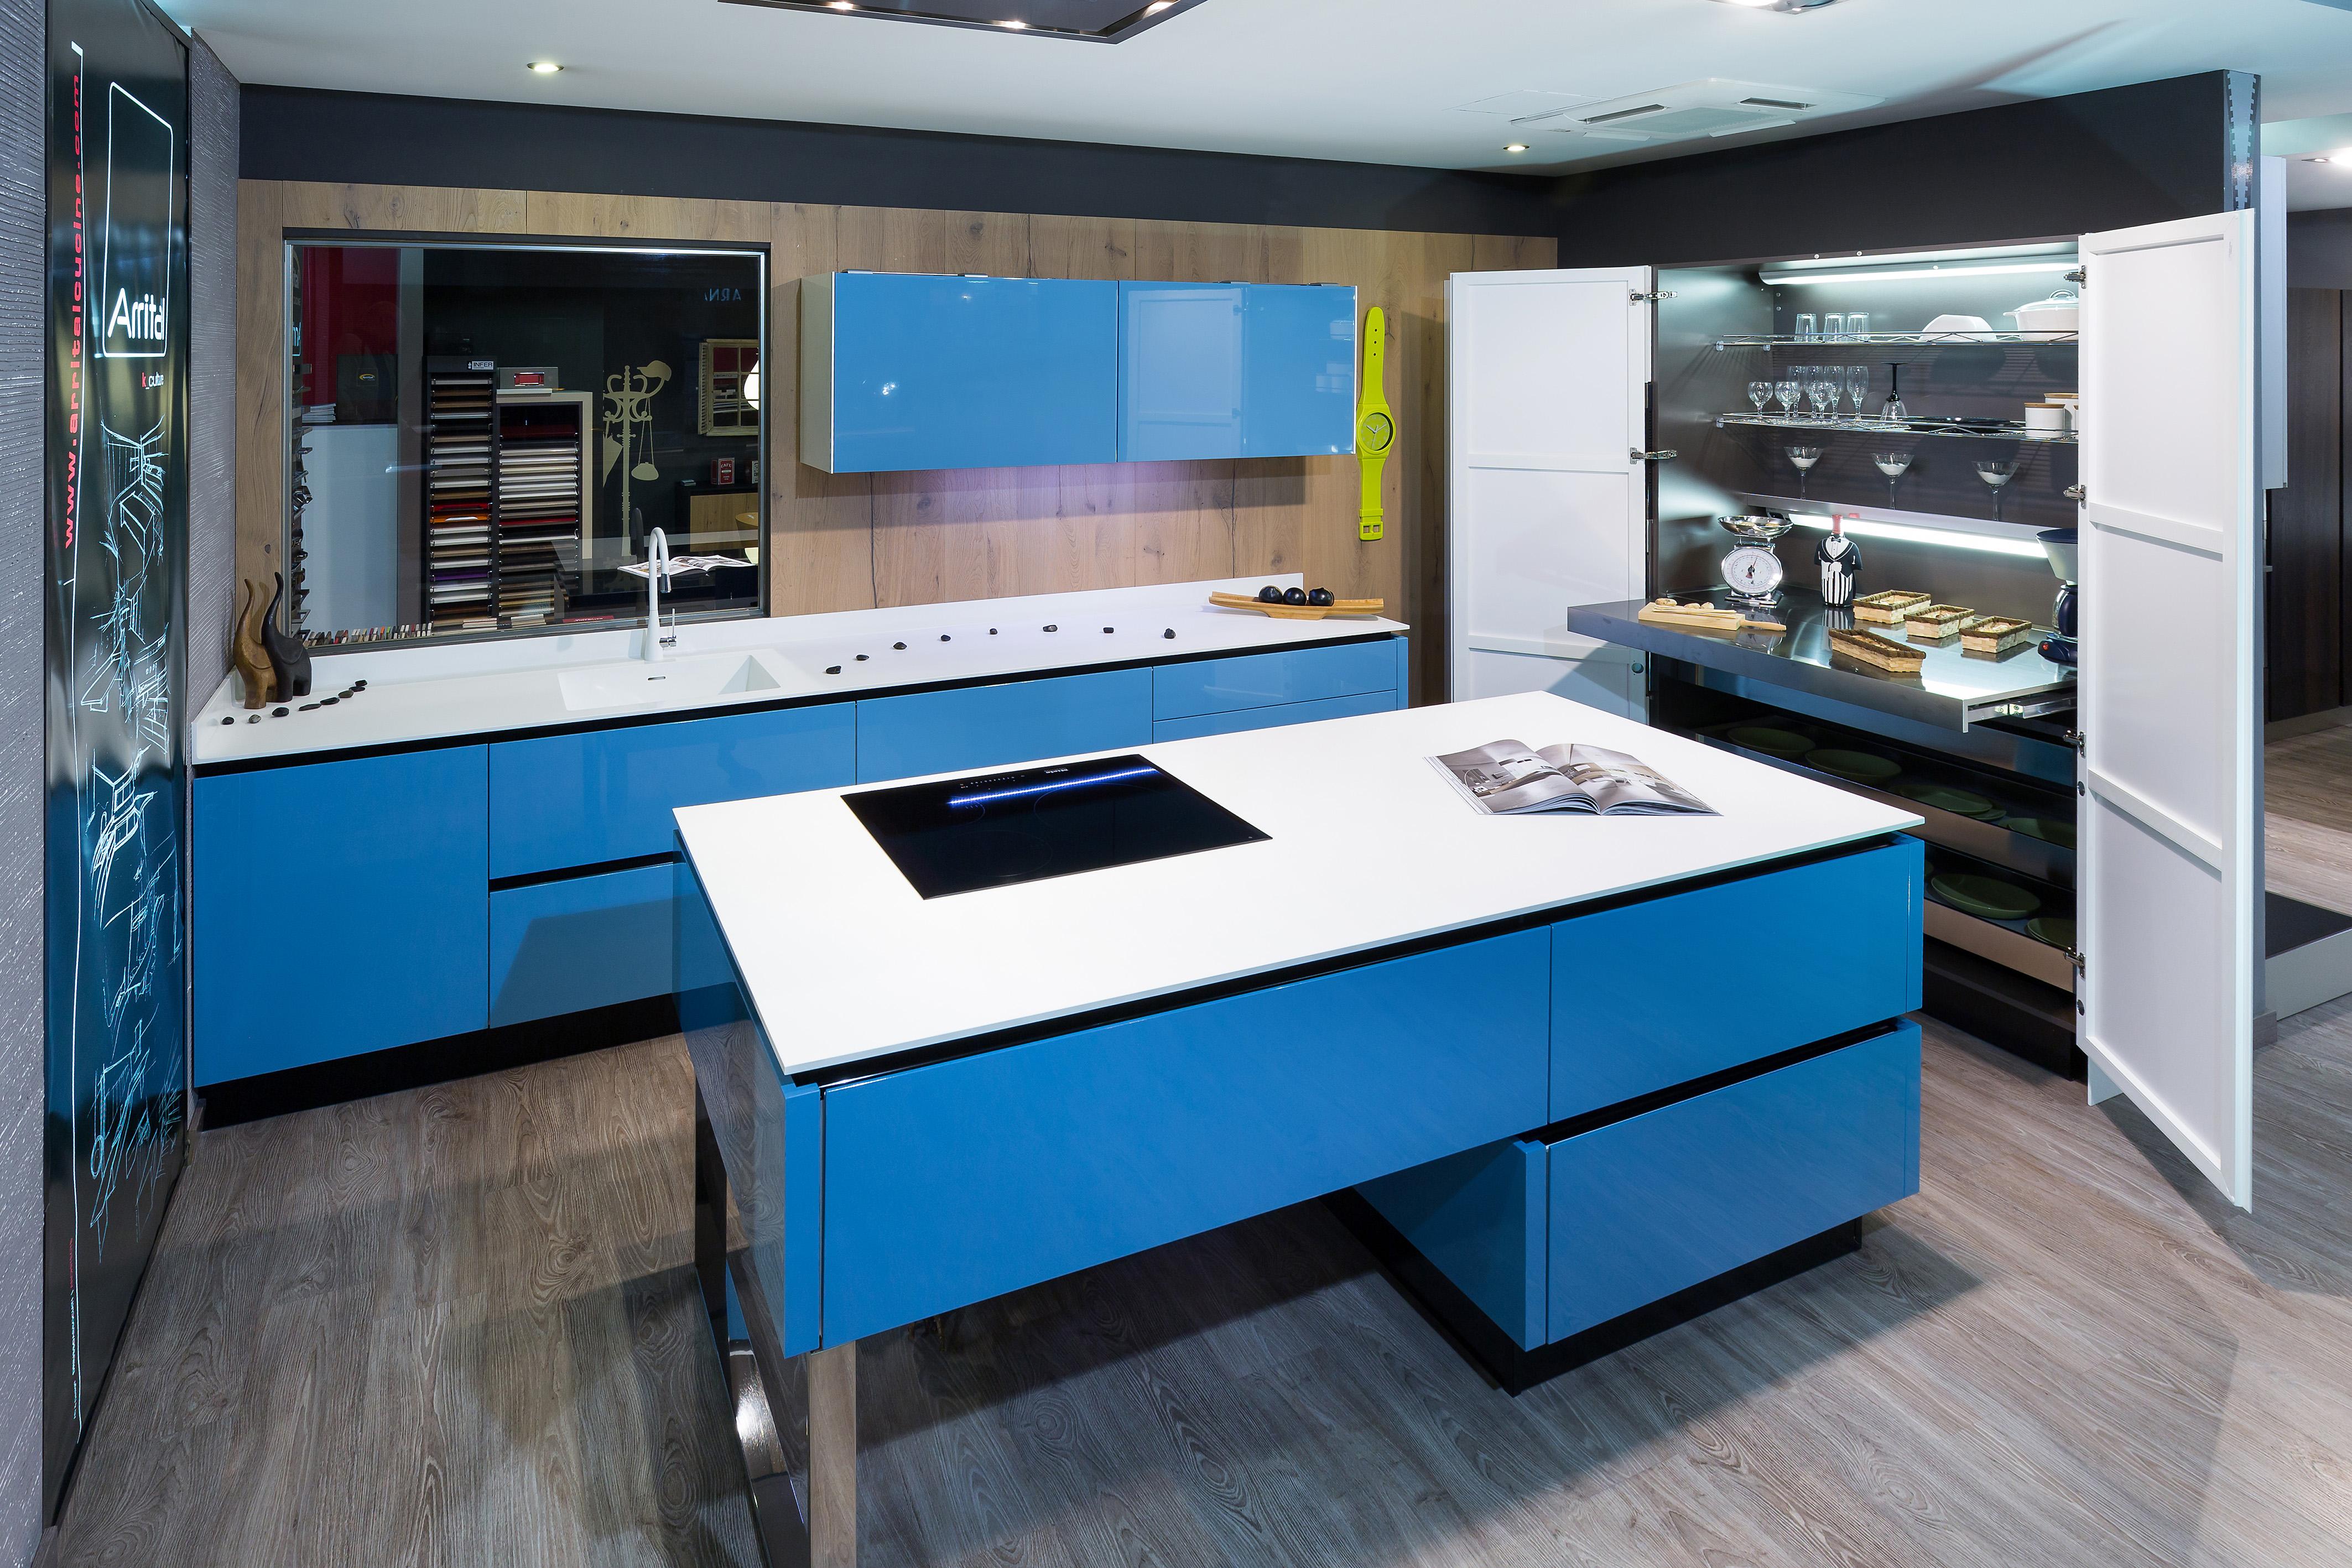 Nuevas cocinas en liquidaci n para renovar nuestra - Liquidacion cocinas exposicion madrid ...